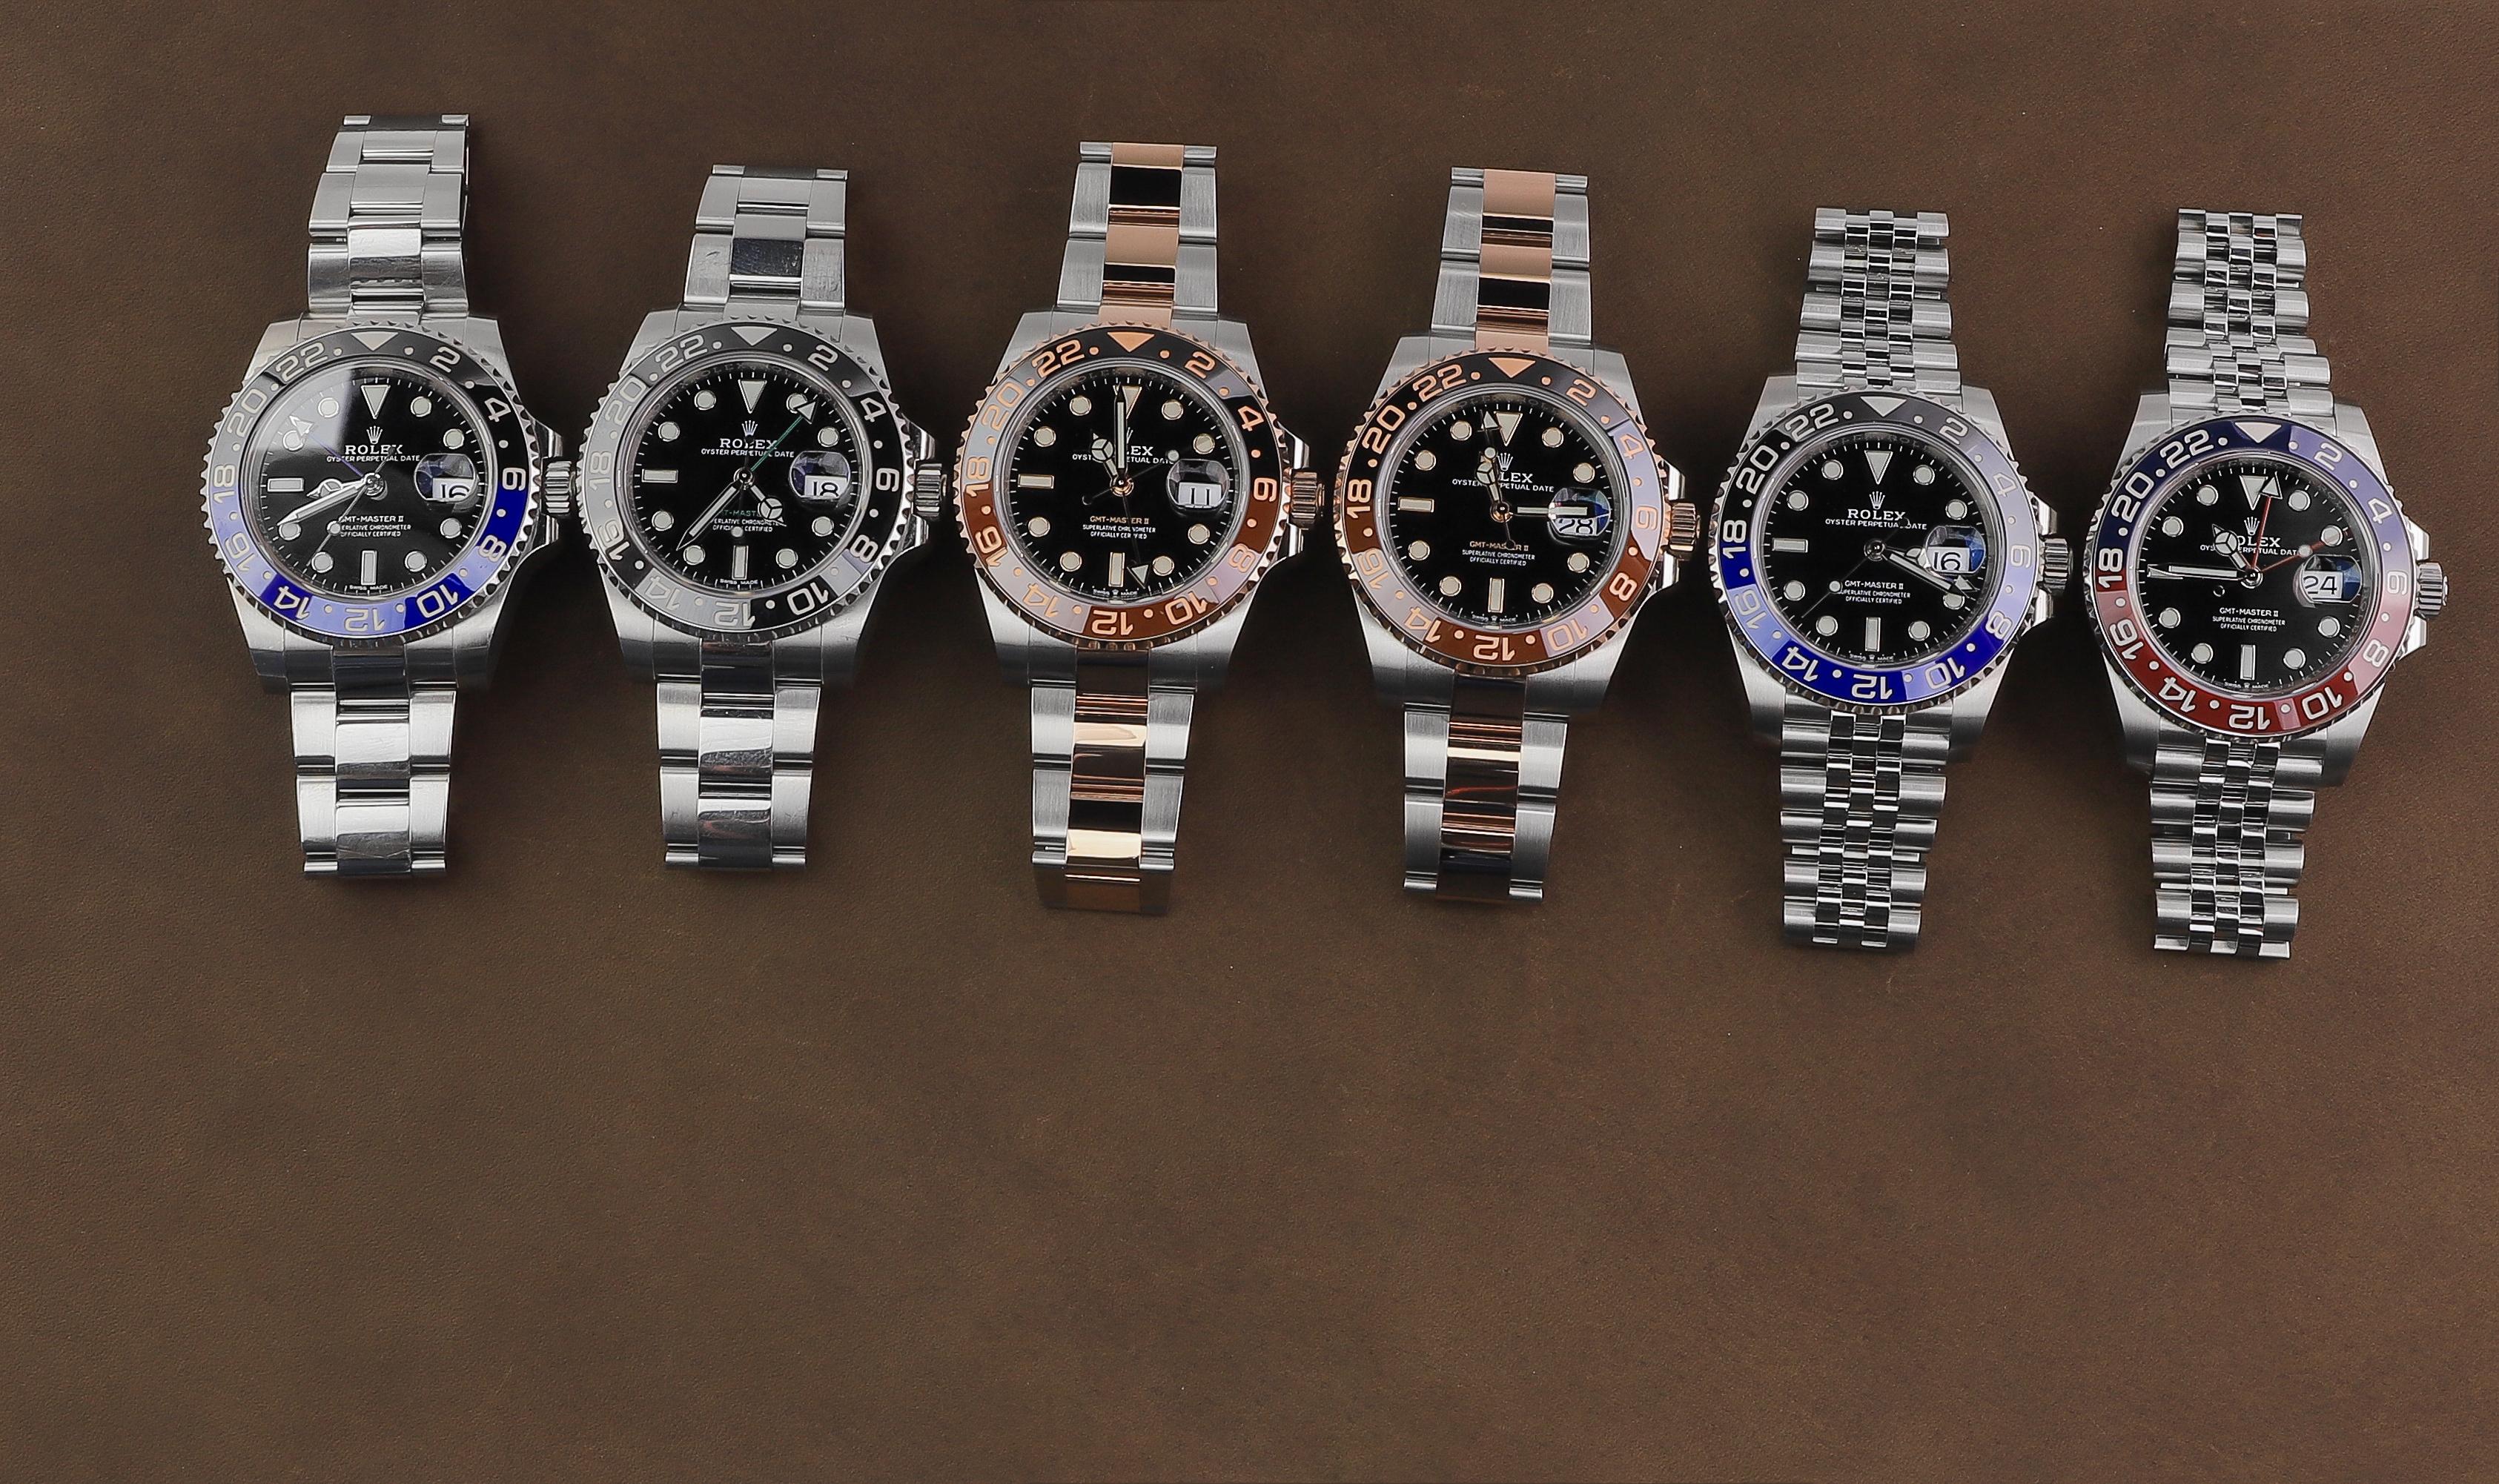 Rolex Sports watches